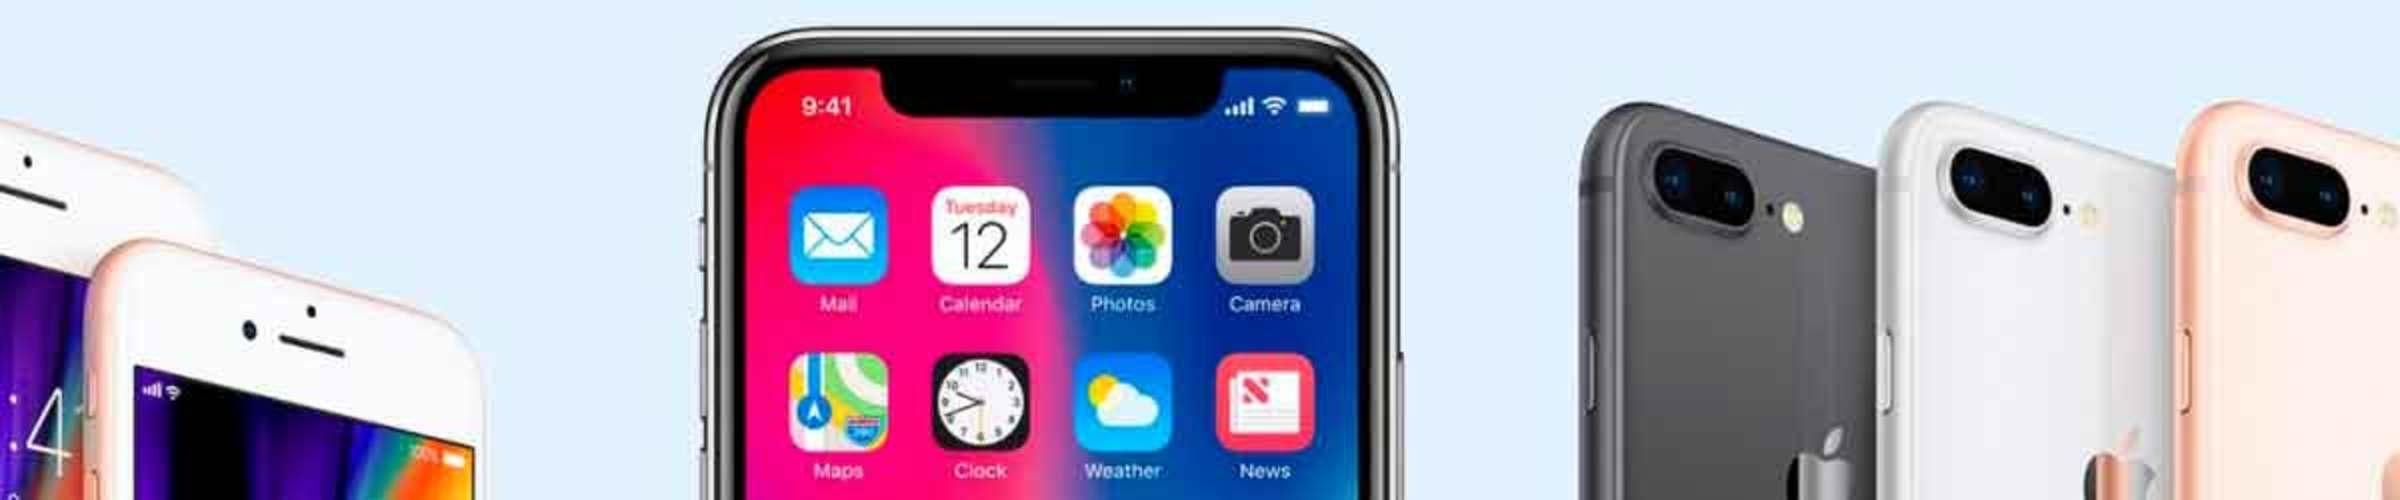 iPhone X и iPhone 8. Какие цвета есть и какой лучше выбрать.